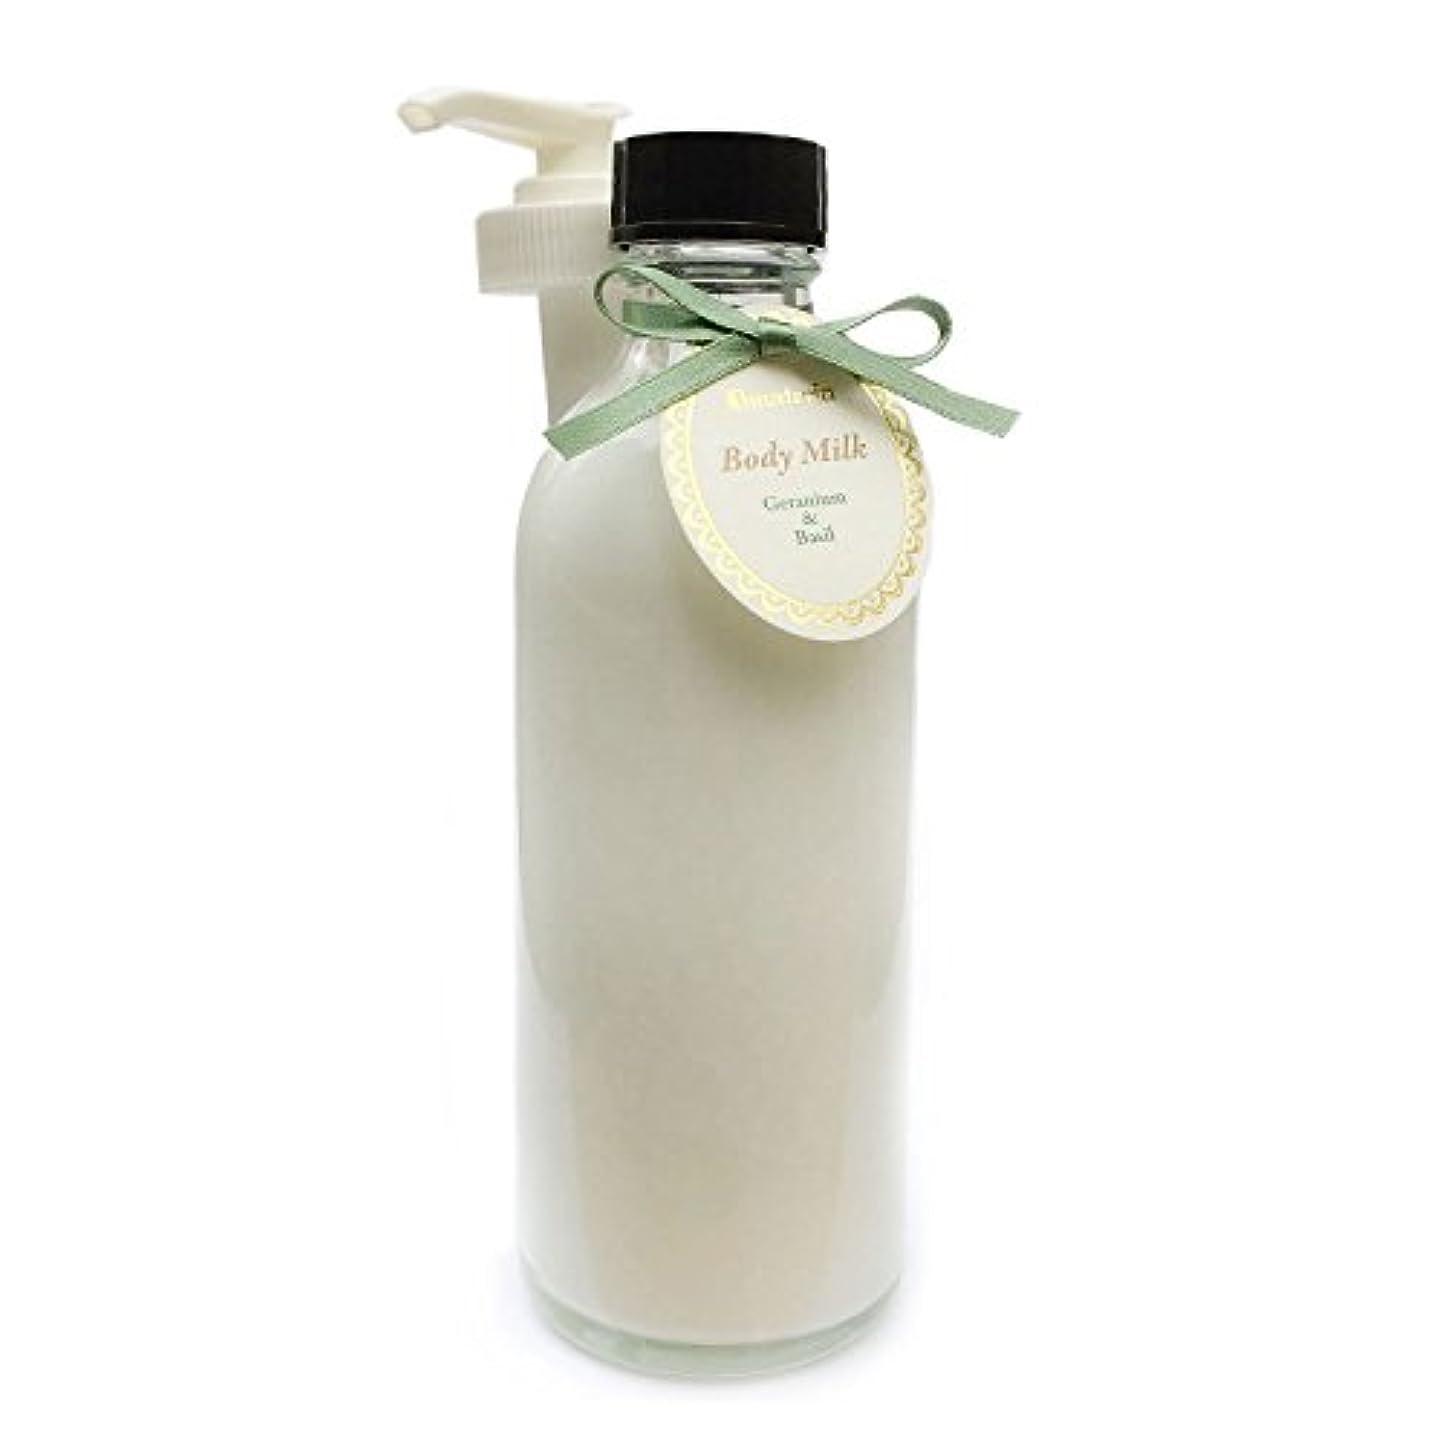 速記望みしばしばD materia ボディミルク ゼラニウム&バジル Geranium&Basil Body Milk ディーマテリア